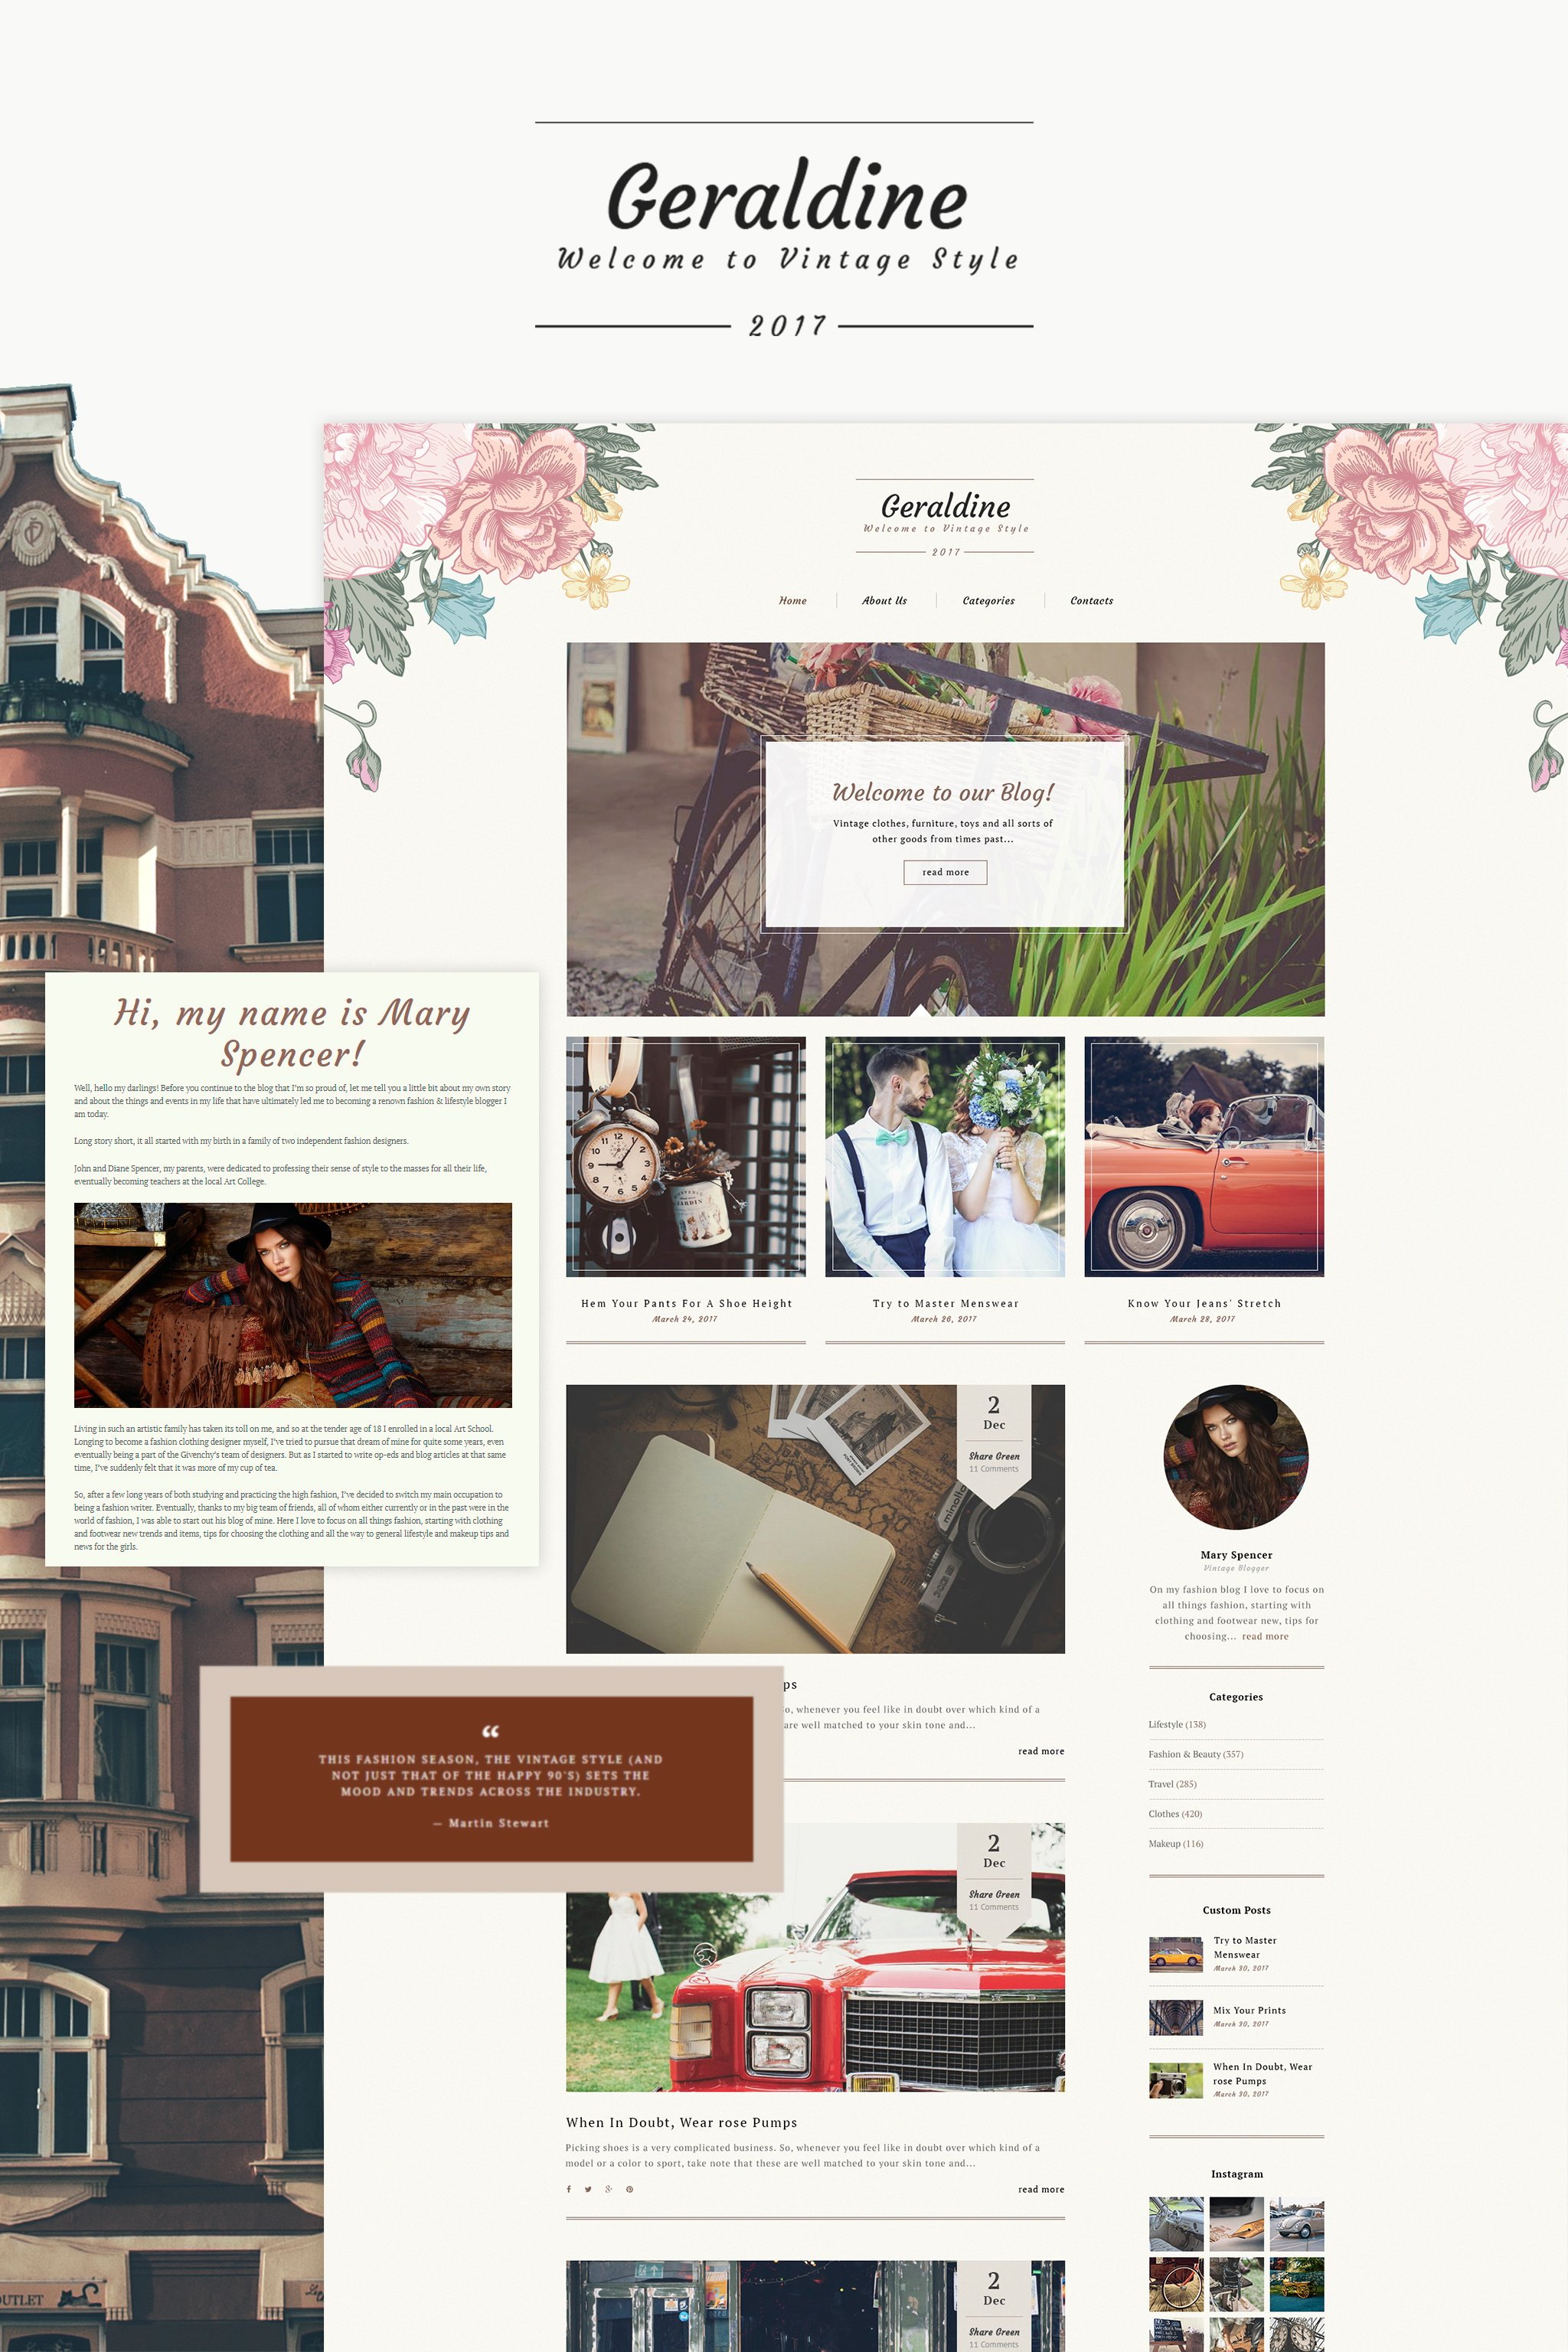 Reszponzív Geraldine - Vintage & Retro Blog WordPress sablon 64996